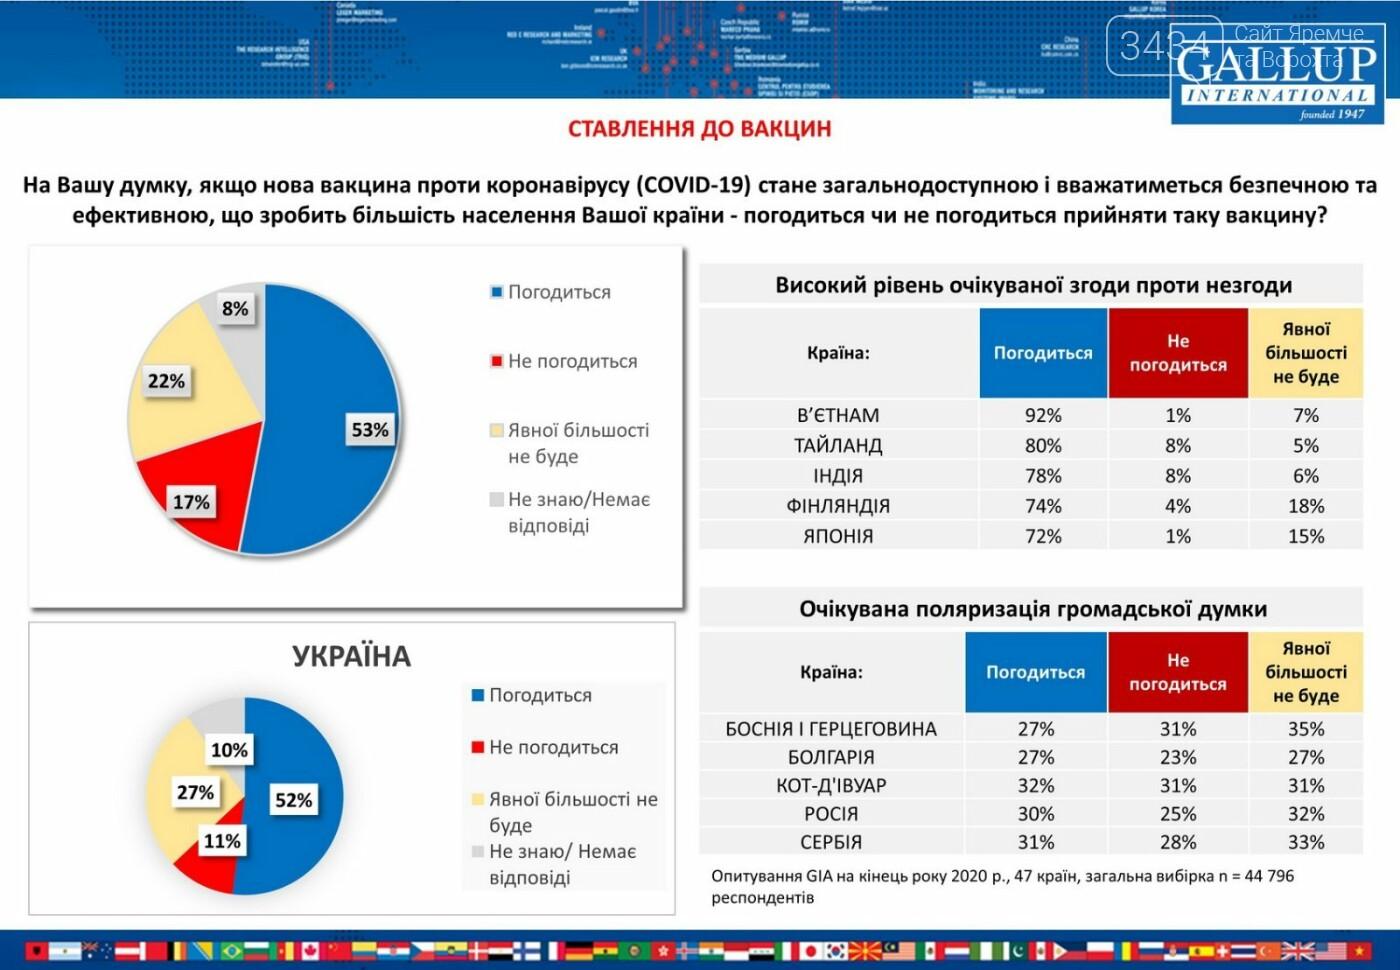 В Україні 65% громадян готові до вакцинації, фото-1